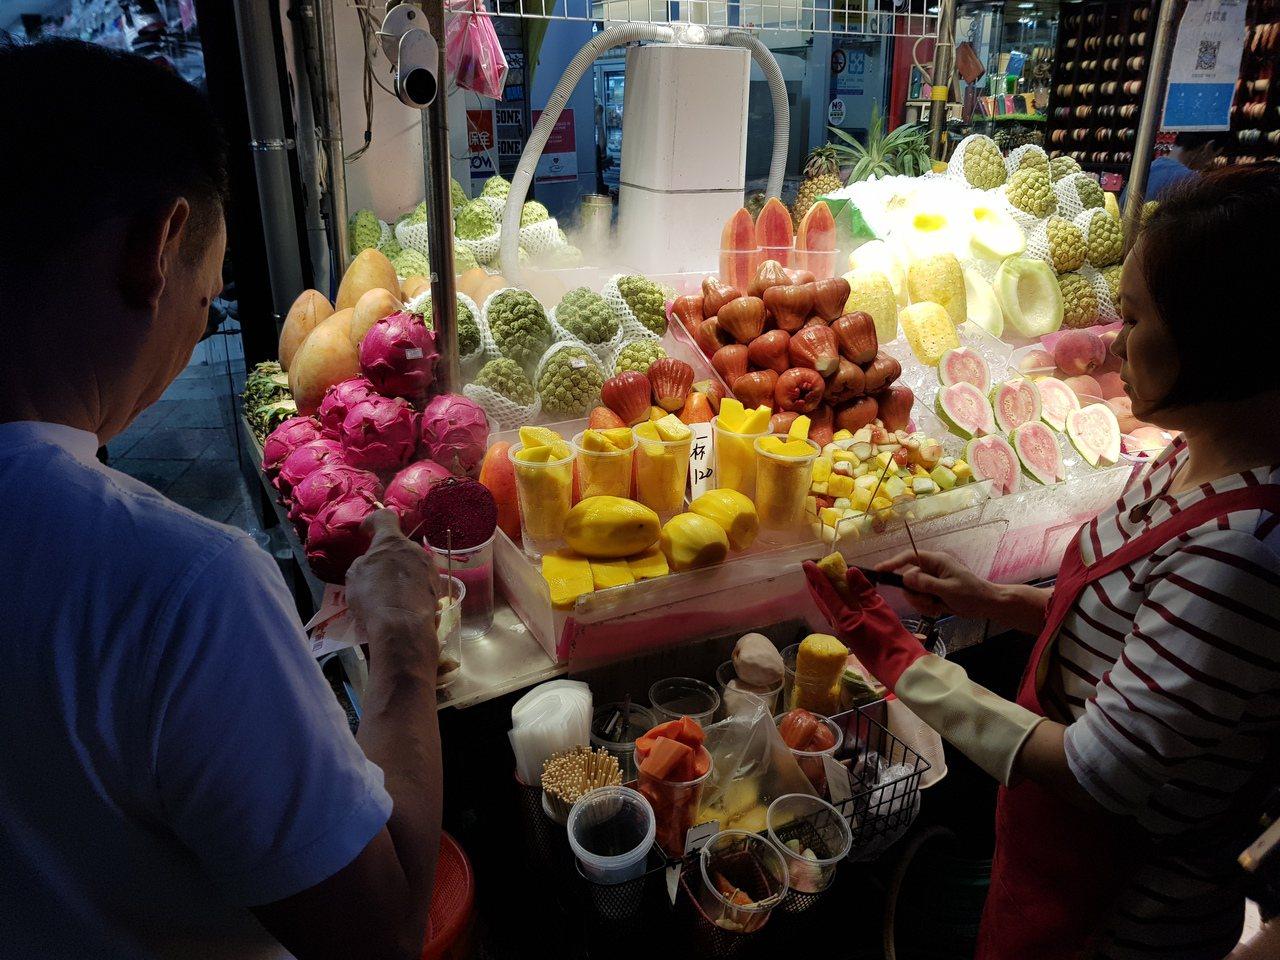 士林夜市昨又傳有現切水果攤坑殺觀光客的情況,宅神朱學恒今晚在臉書則說,若台灣民眾...